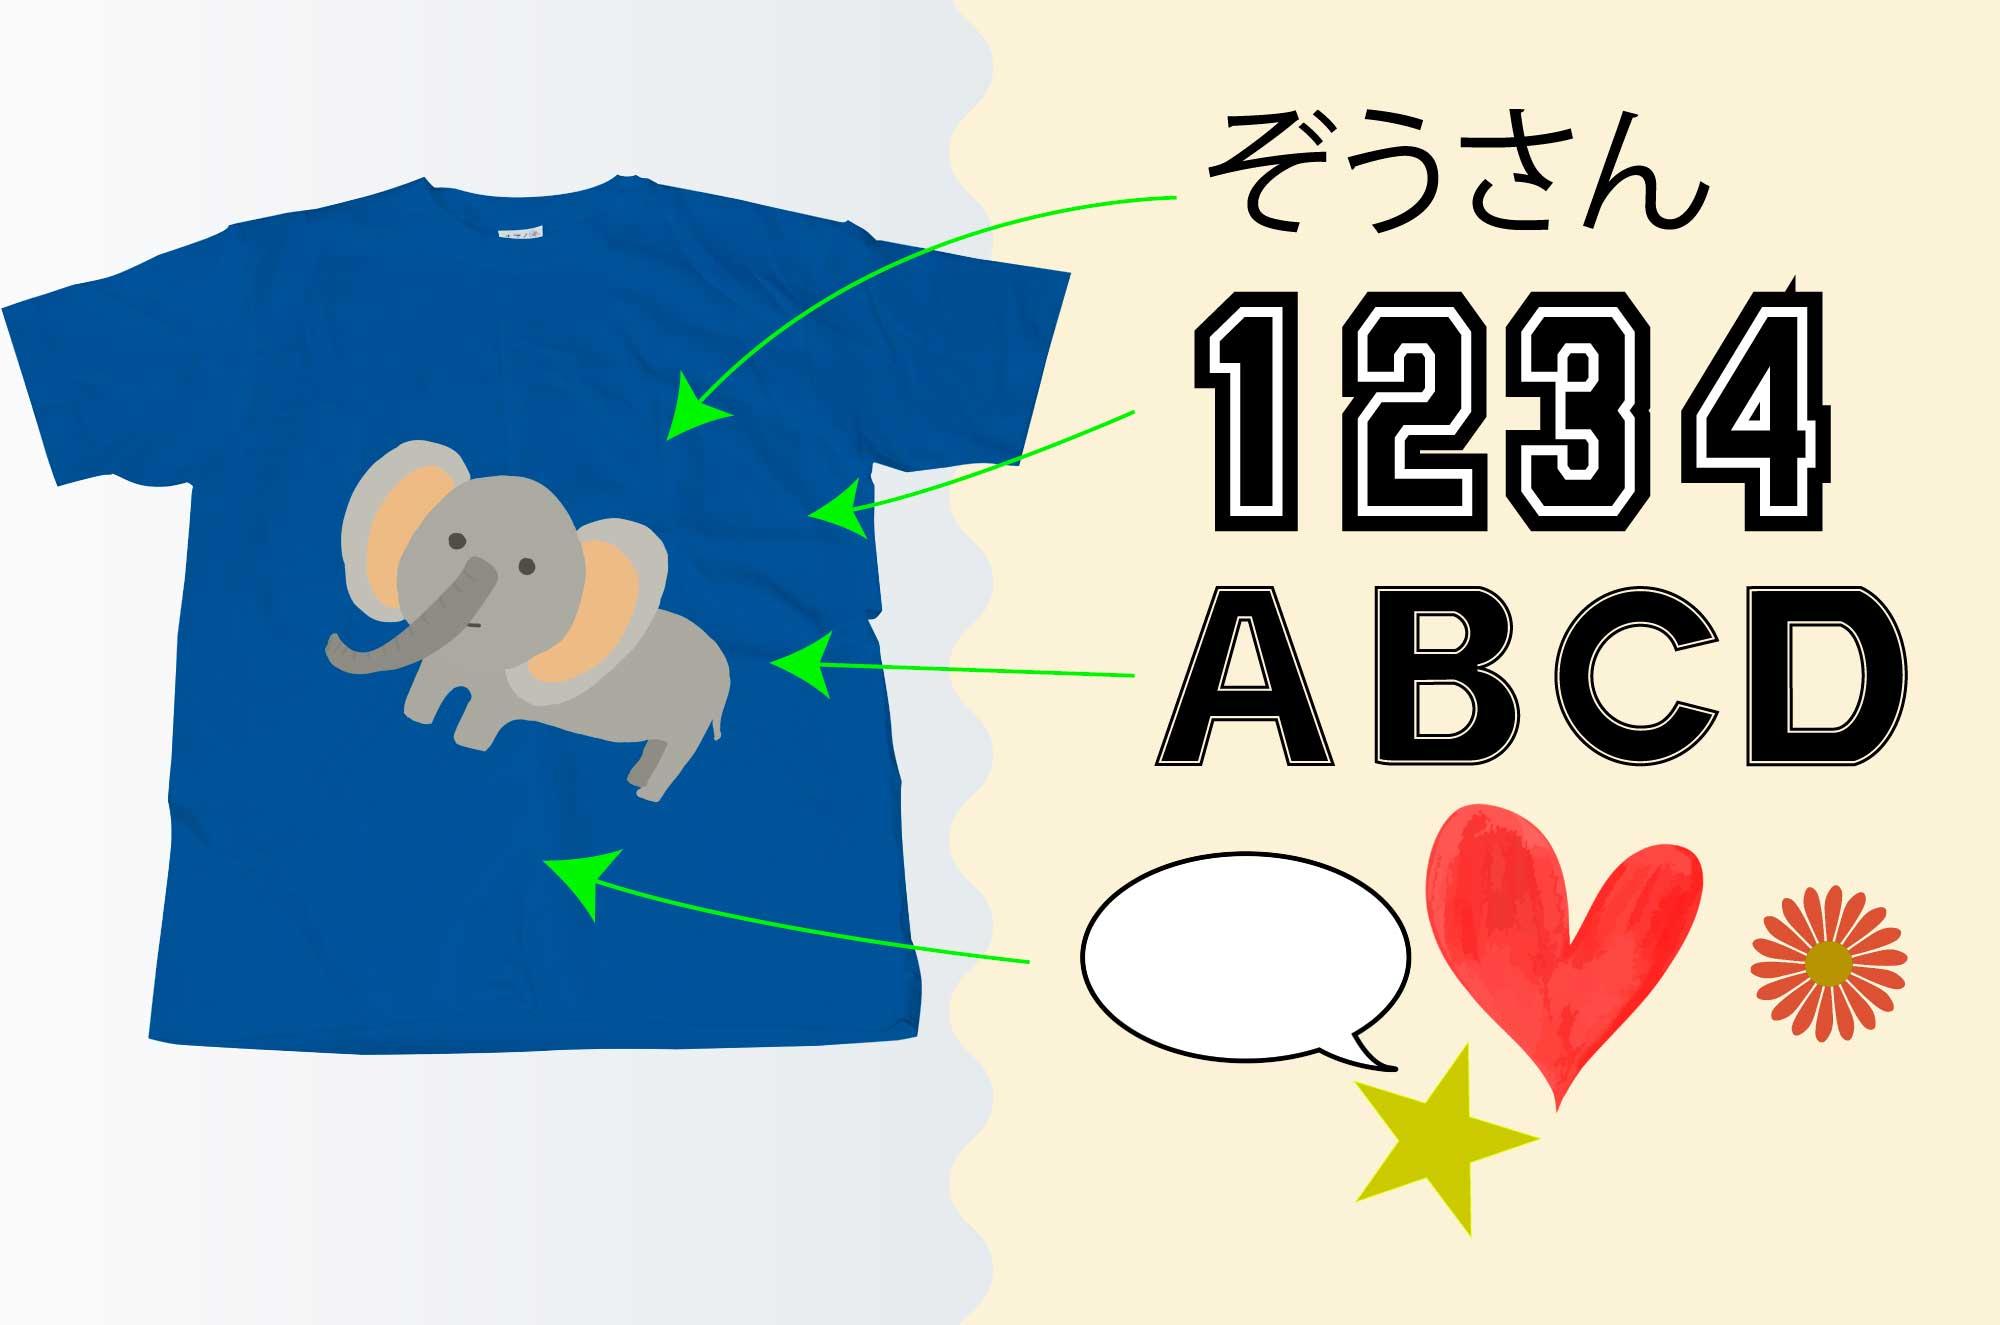 名入れ・デザイン変更自由!1枚からTシャツトリニティでTシャツを作成する方法